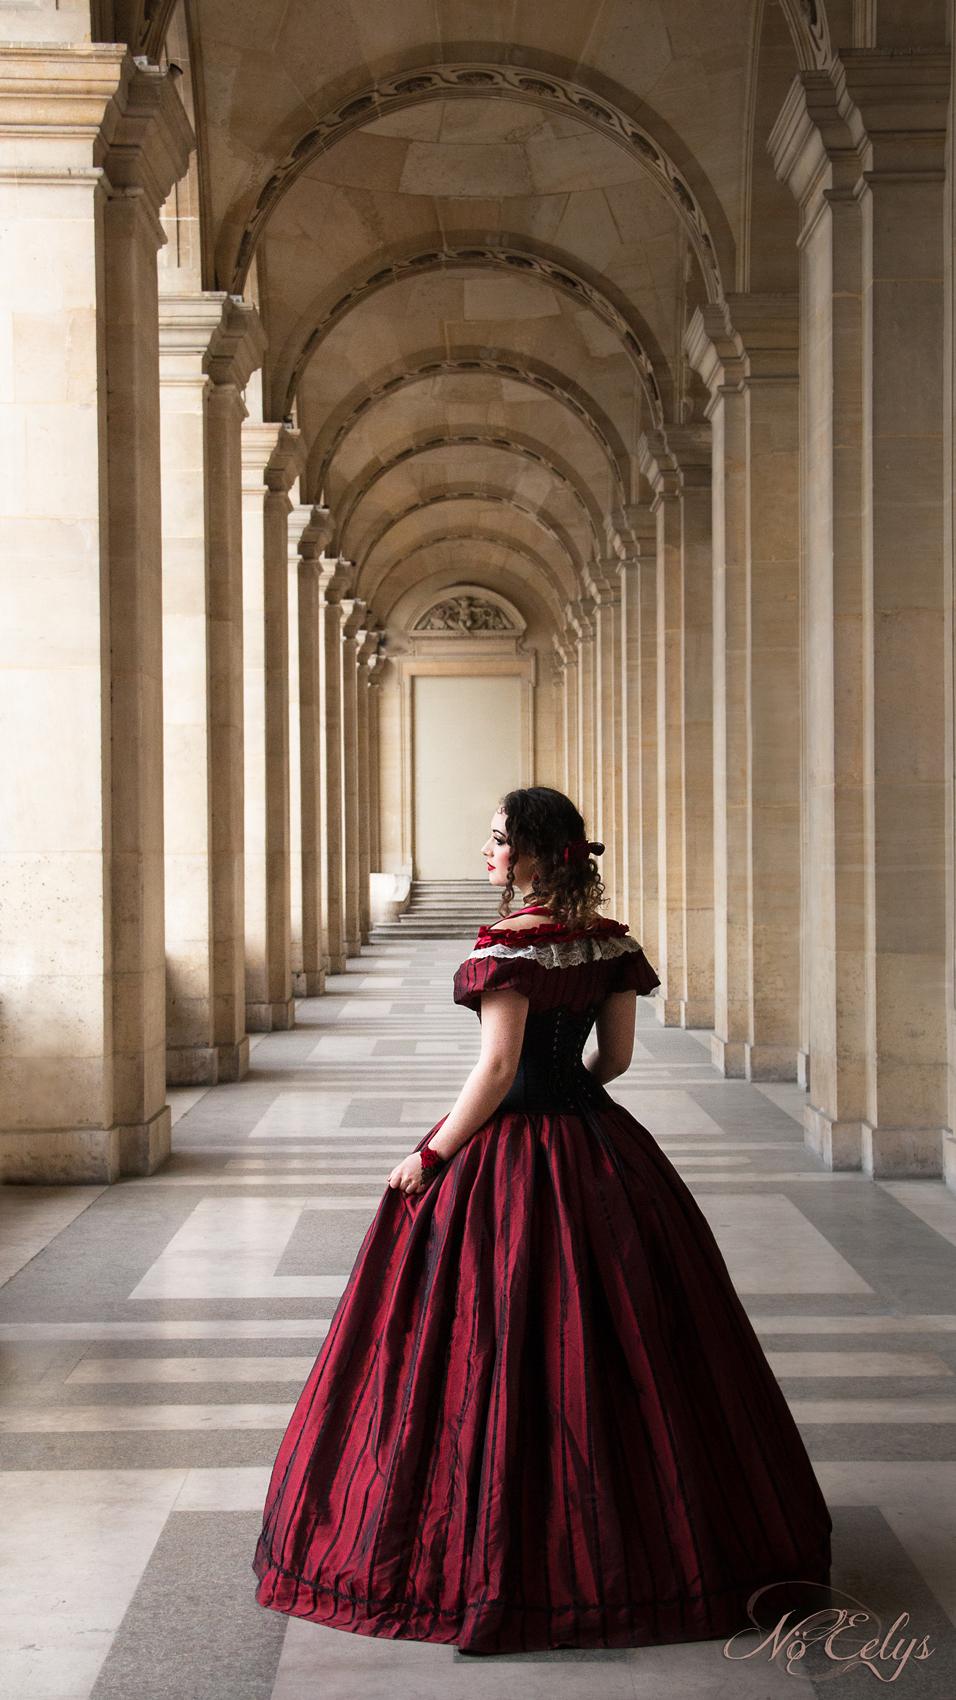 Portrait gothique victorien princesse au Louvre, Elyra Modèle, Nö Eelys Photo, Coiffure par Findelë's Secrets et maquillage par Le Boudoir de Nö